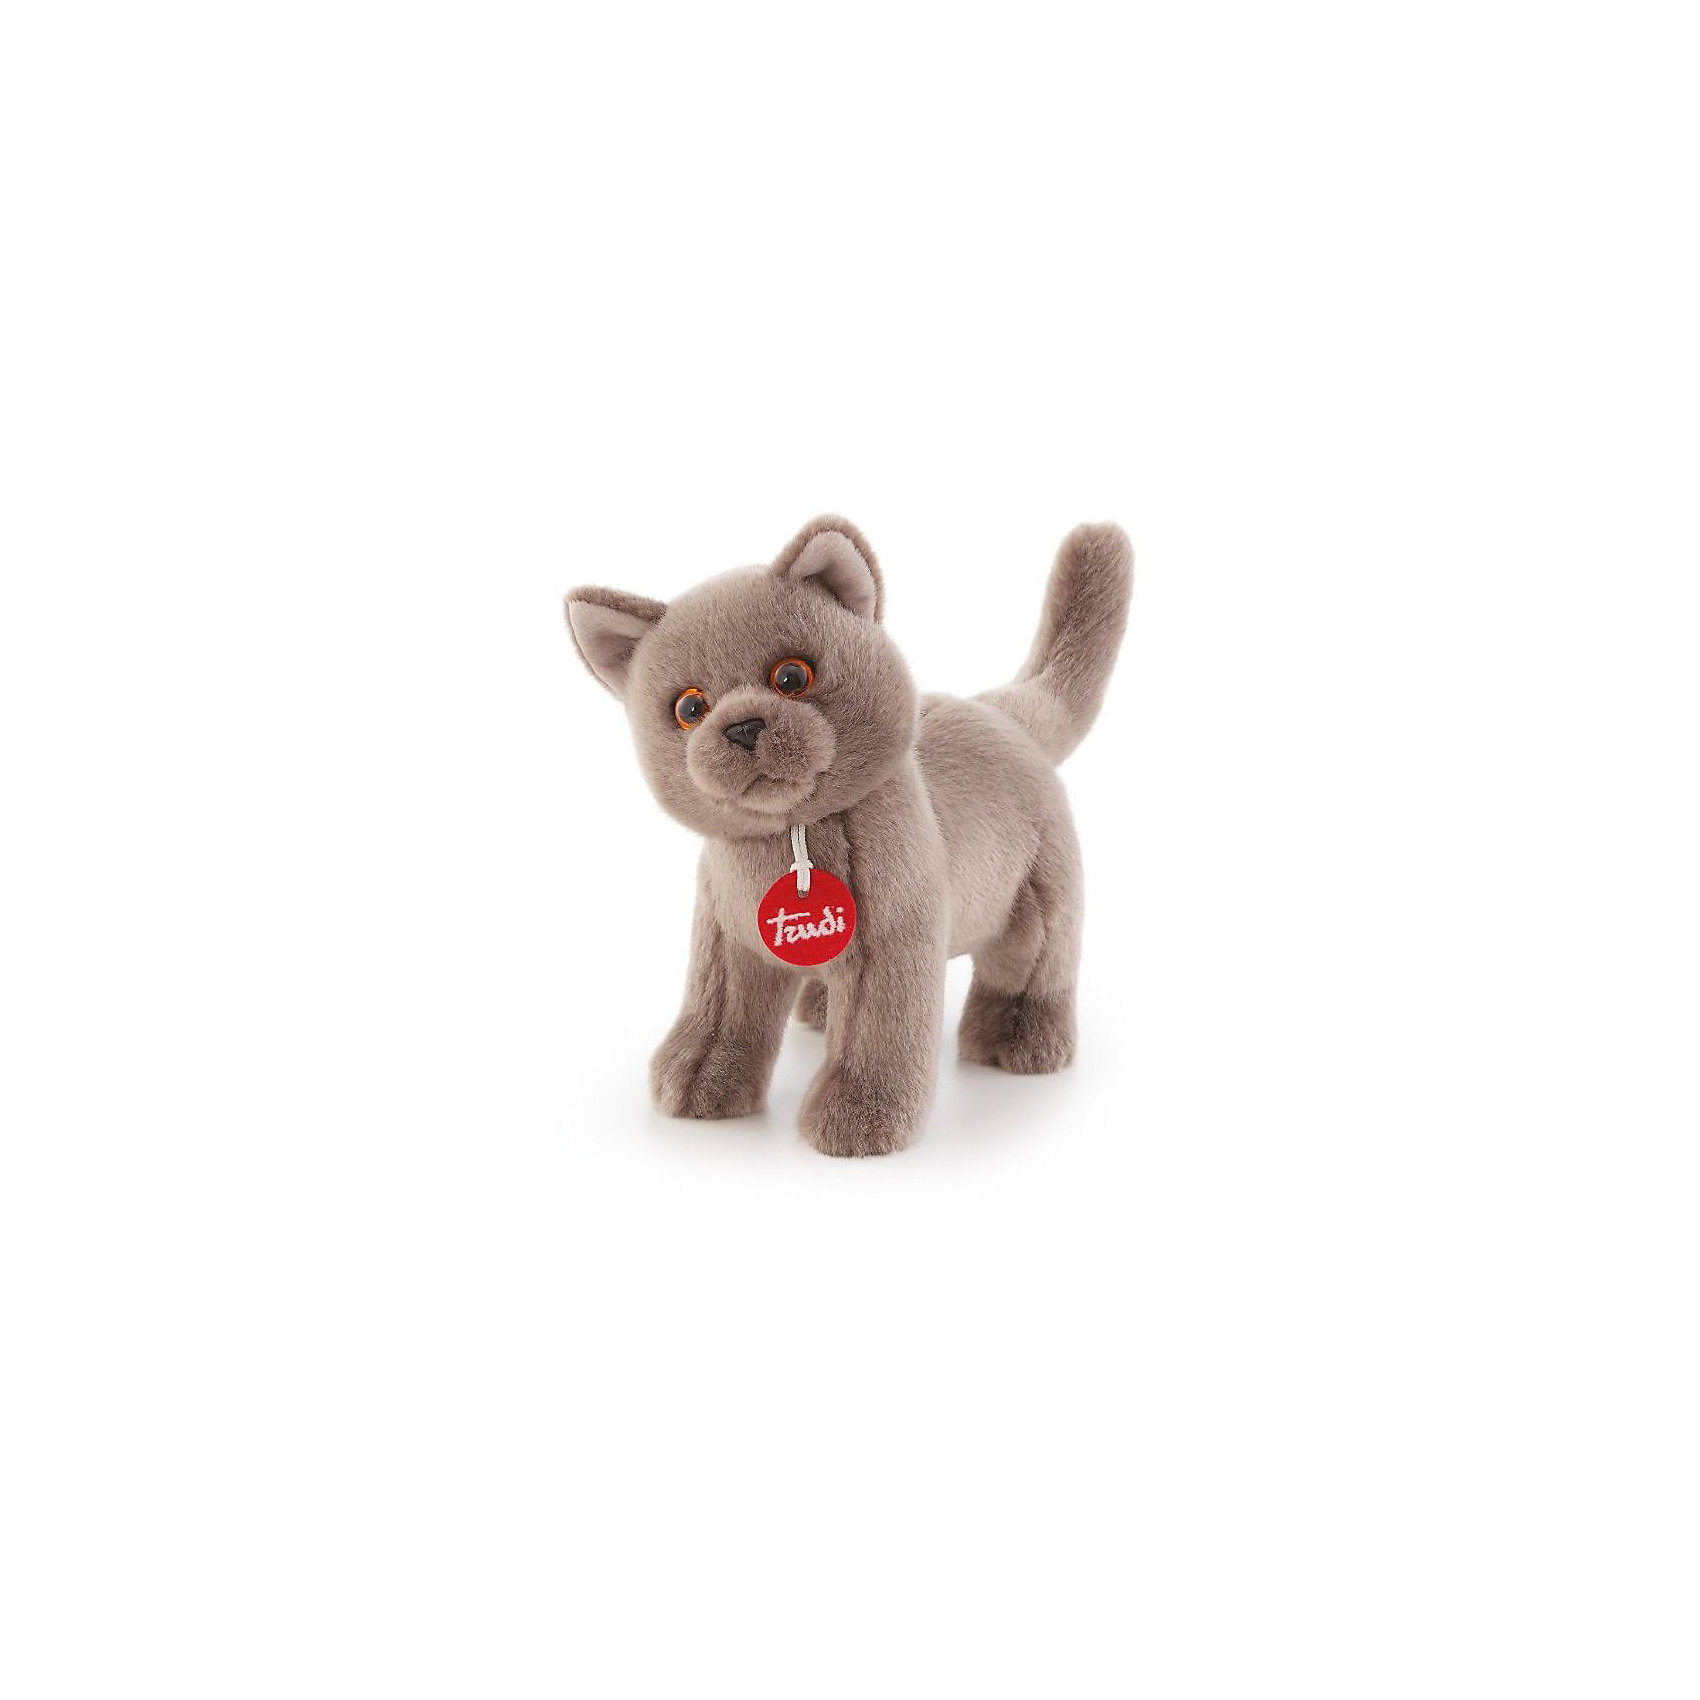 Серый кот Помпео, 29 см, TrudiКошки и собаки<br>Характеристики товара:<br><br>• возраст от 1 года;<br>• материал: искусственный мех, пластик;<br>• высота игрушки 29 см;<br>• размер упаковки 26х19х16 см;<br>• вес упаковки 137 гр.;<br>• страна производитель Китай.<br><br>Серый кот Помпео Trudi — мягкая игрушка для детей от 1 года в виде серого пушистого кота.. Она сделана из приятного на ощупь материала, малыш может обнимать ее и брать с собой спать в кроватку. В процессе игры у ребенка развиваются тактильные ощущения, воображение и фантазия. Игрушку можно стирать в стиральной машине при температуре 30 градусов. Изготовлена из качественного безвредного материала.<br><br>Серого кота Помпео Trudi 29 см можно приобрести в нашем интернет-магазине.<br><br>Ширина мм: 260<br>Глубина мм: 190<br>Высота мм: 160<br>Вес г: 136<br>Возраст от месяцев: 12<br>Возраст до месяцев: 2147483647<br>Пол: Унисекс<br>Возраст: Детский<br>SKU: 5578411